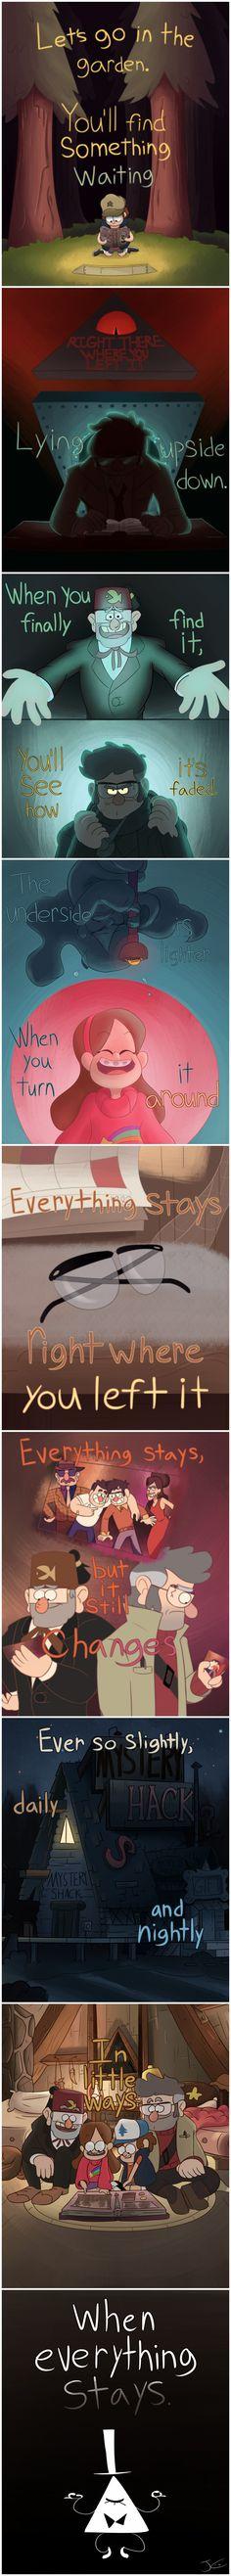 """Gravity Falls - Everything Stays <a class=""""pintag"""" href=""""/explore/lyrics/"""" title=""""#lyrics explore Pinterest"""">#lyrics</a>"""